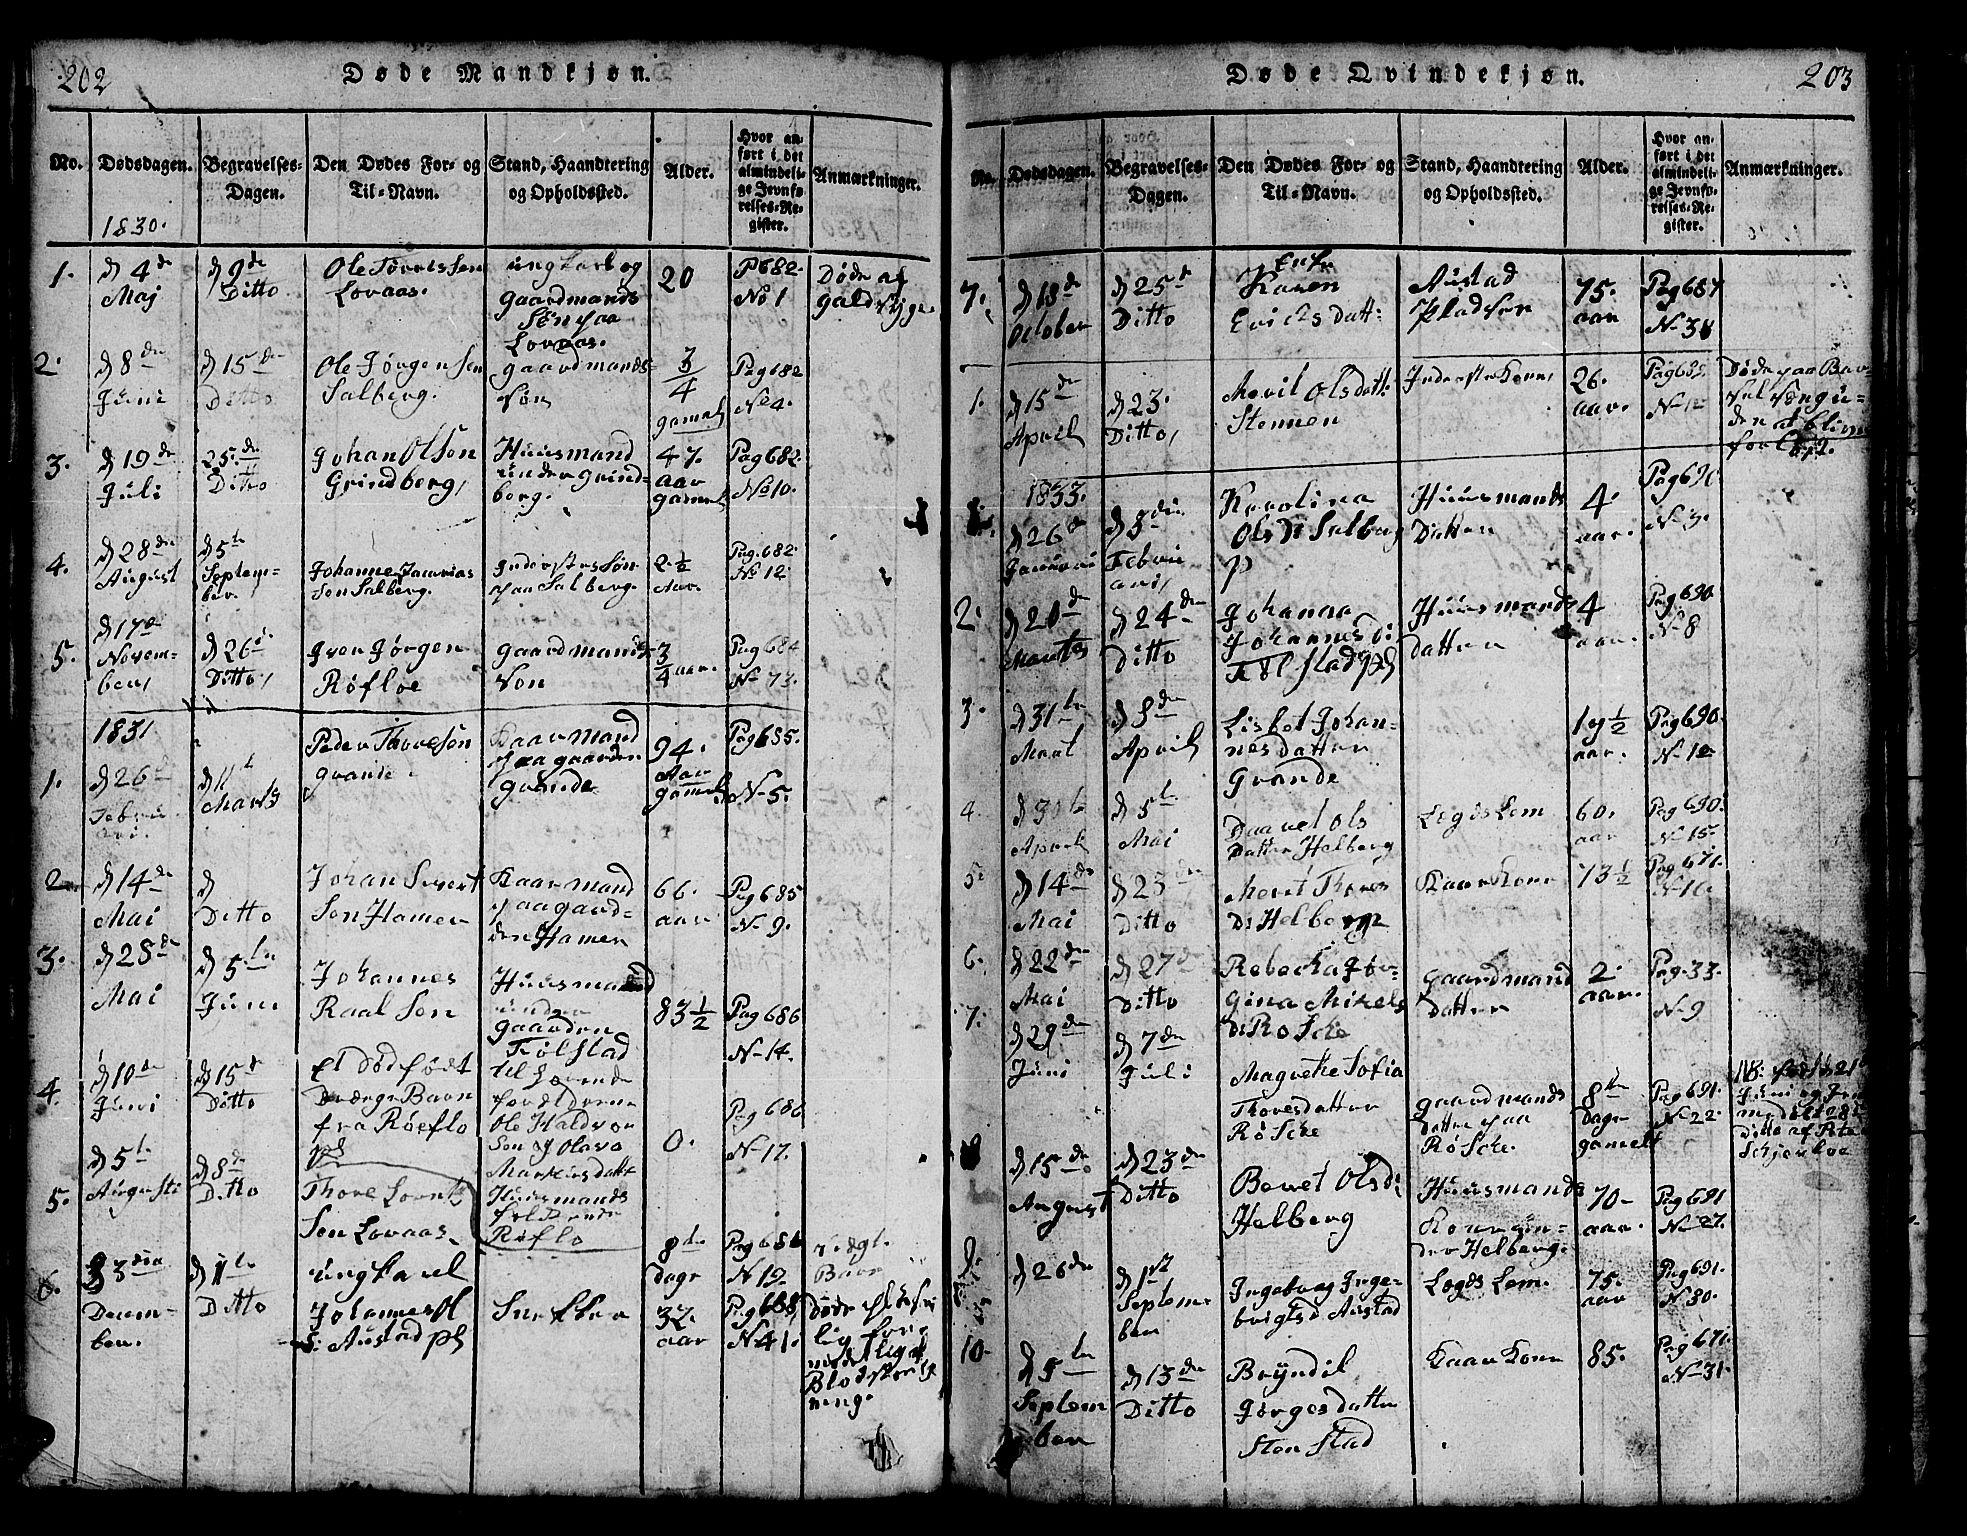 SAT, Ministerialprotokoller, klokkerbøker og fødselsregistre - Nord-Trøndelag, 731/L0310: Klokkerbok nr. 731C01, 1816-1874, s. 202-203